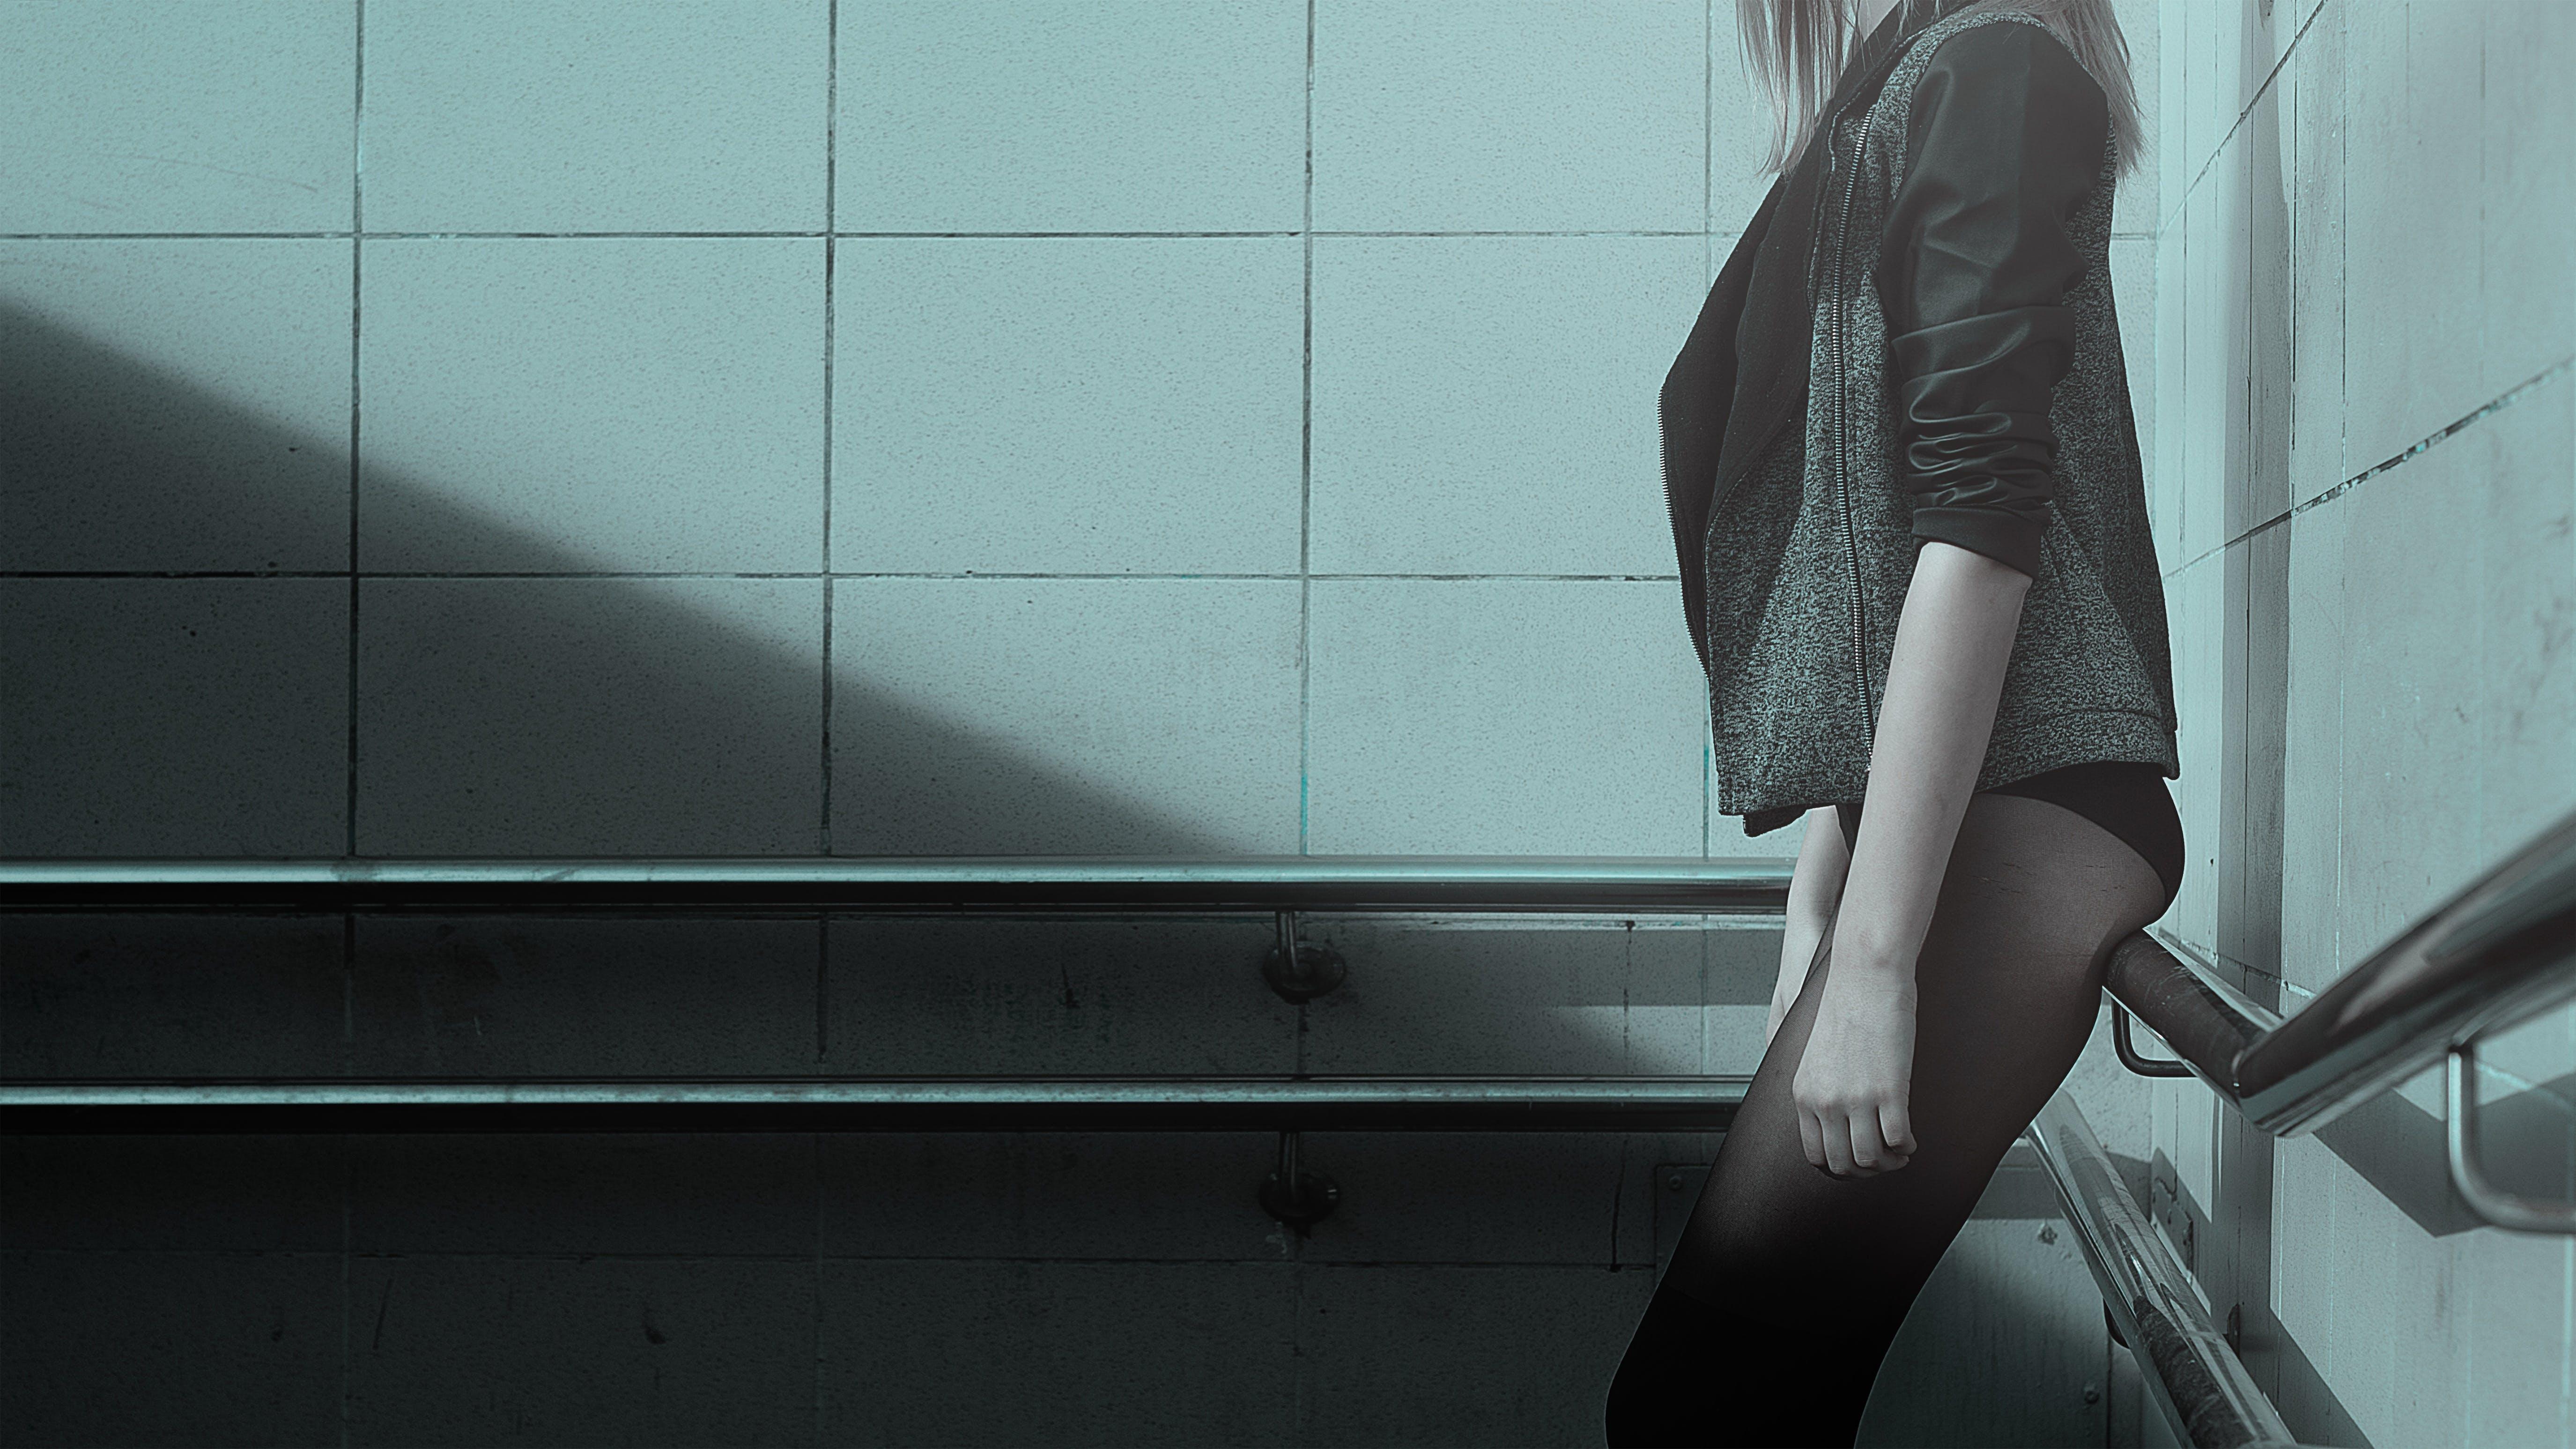 Foto d'estoc gratuïta de adult, cames, clareja, dama